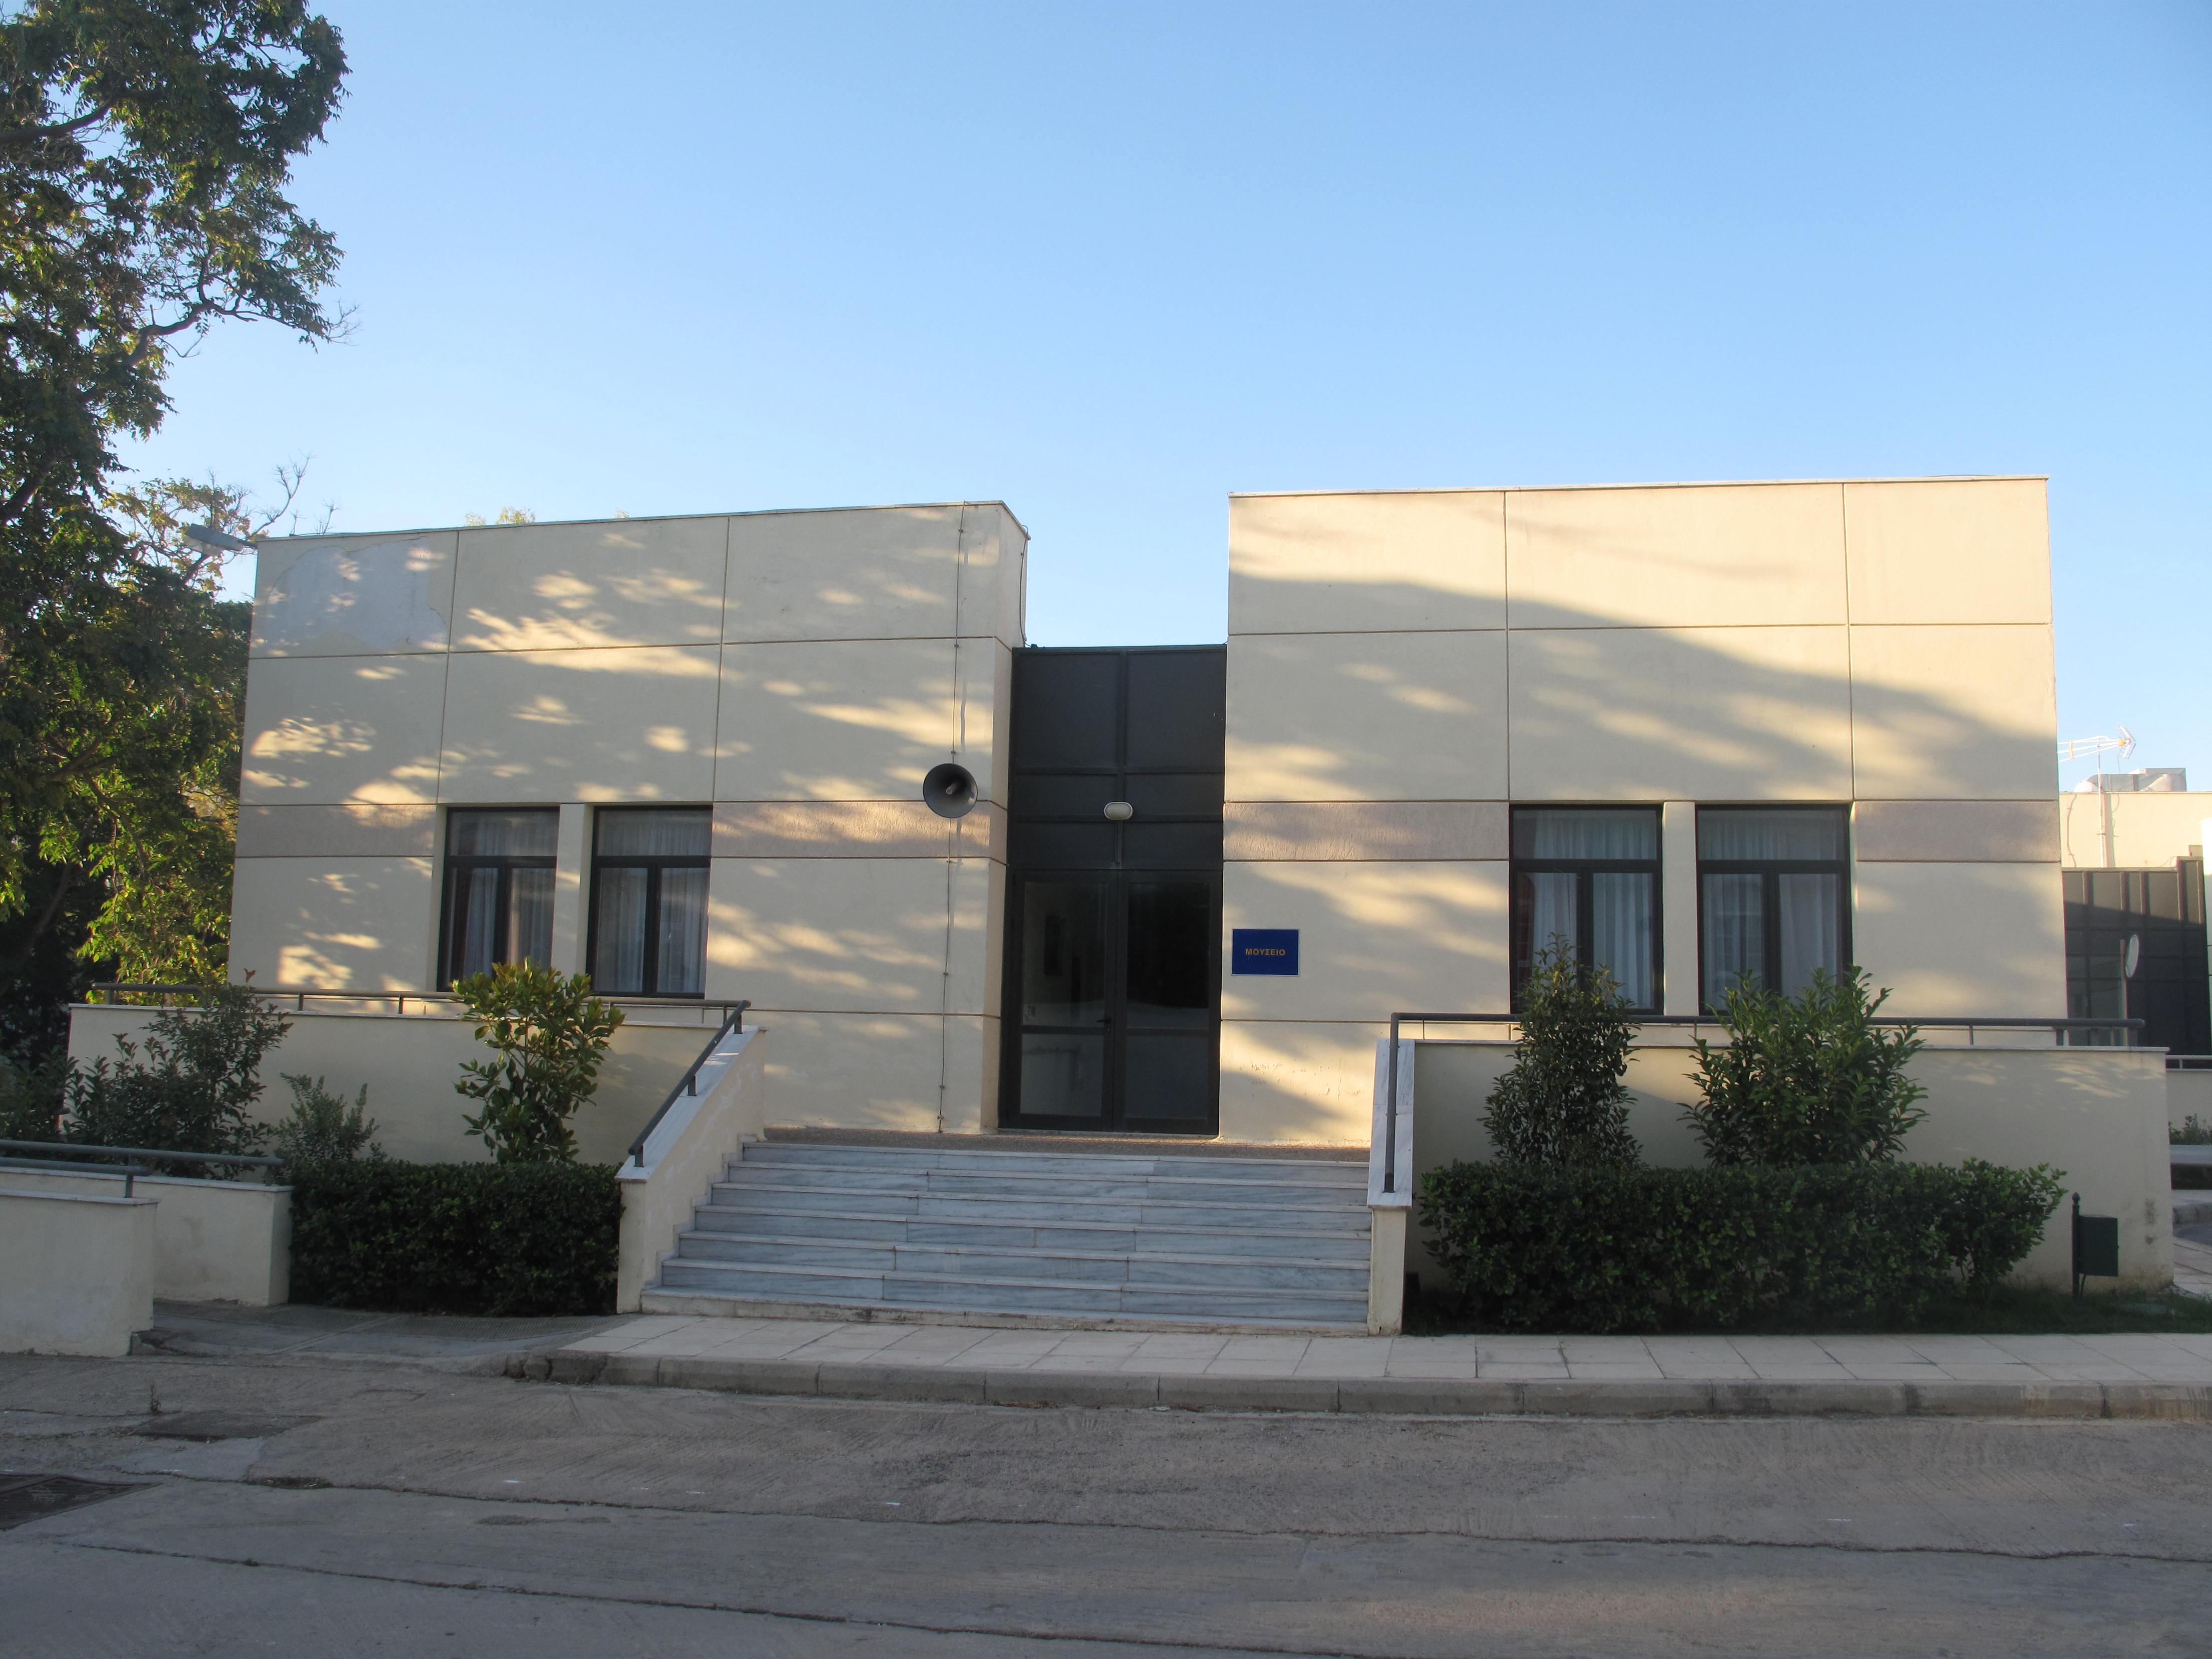 Μουσείο Ψ.Ν.Α Δρομοκαϊτειο